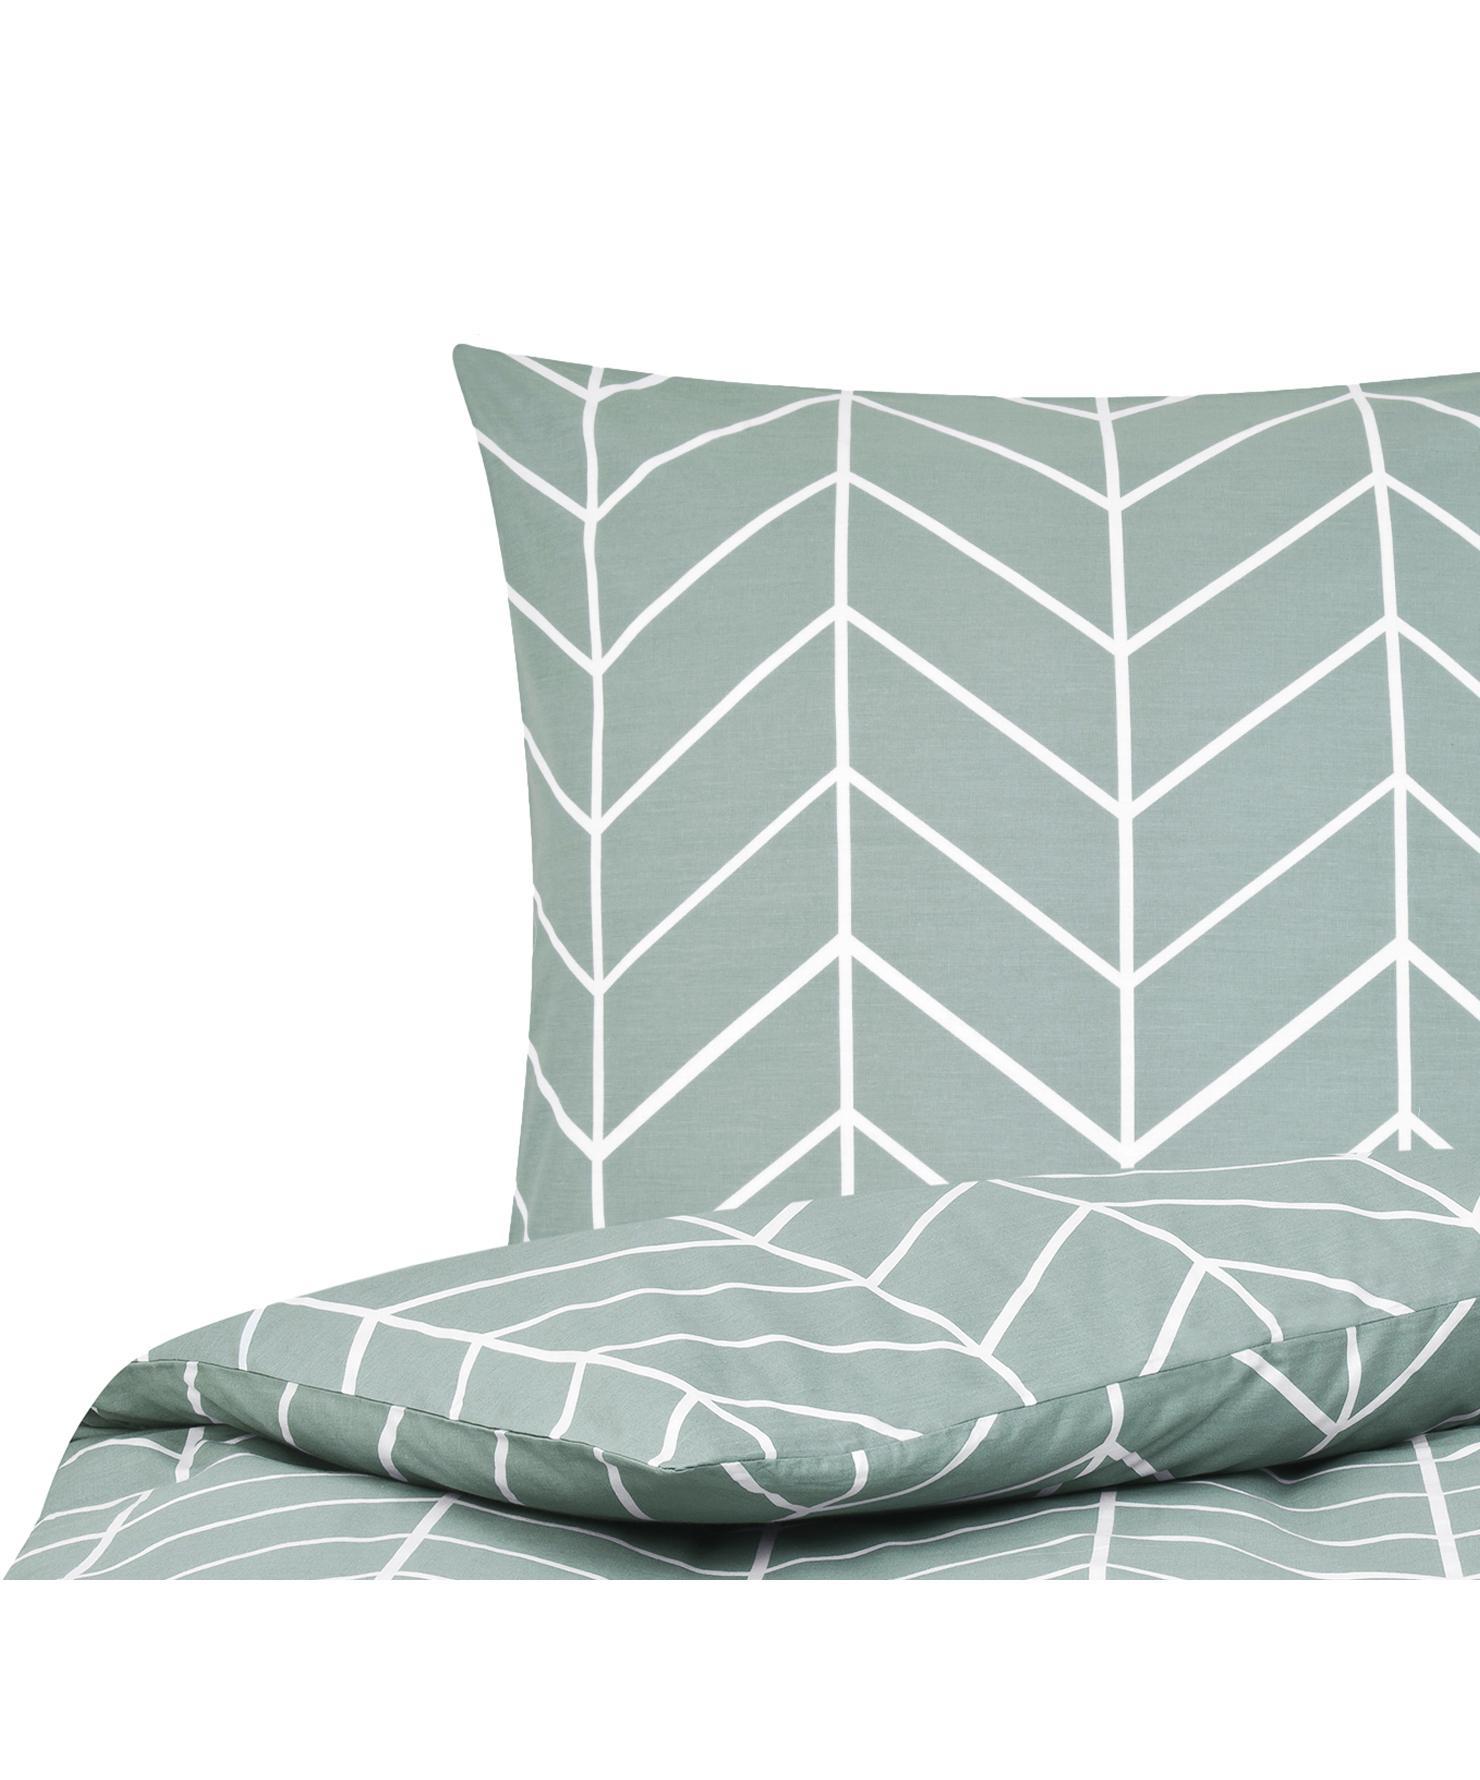 Baumwoll-Bettwäsche Mirja mit grafischem Muster, Webart: Renforcé Fadendichte 144 , Grün, Cremeweiß, 135 x 200 cm + 1 Kissen 80 x 80 cm